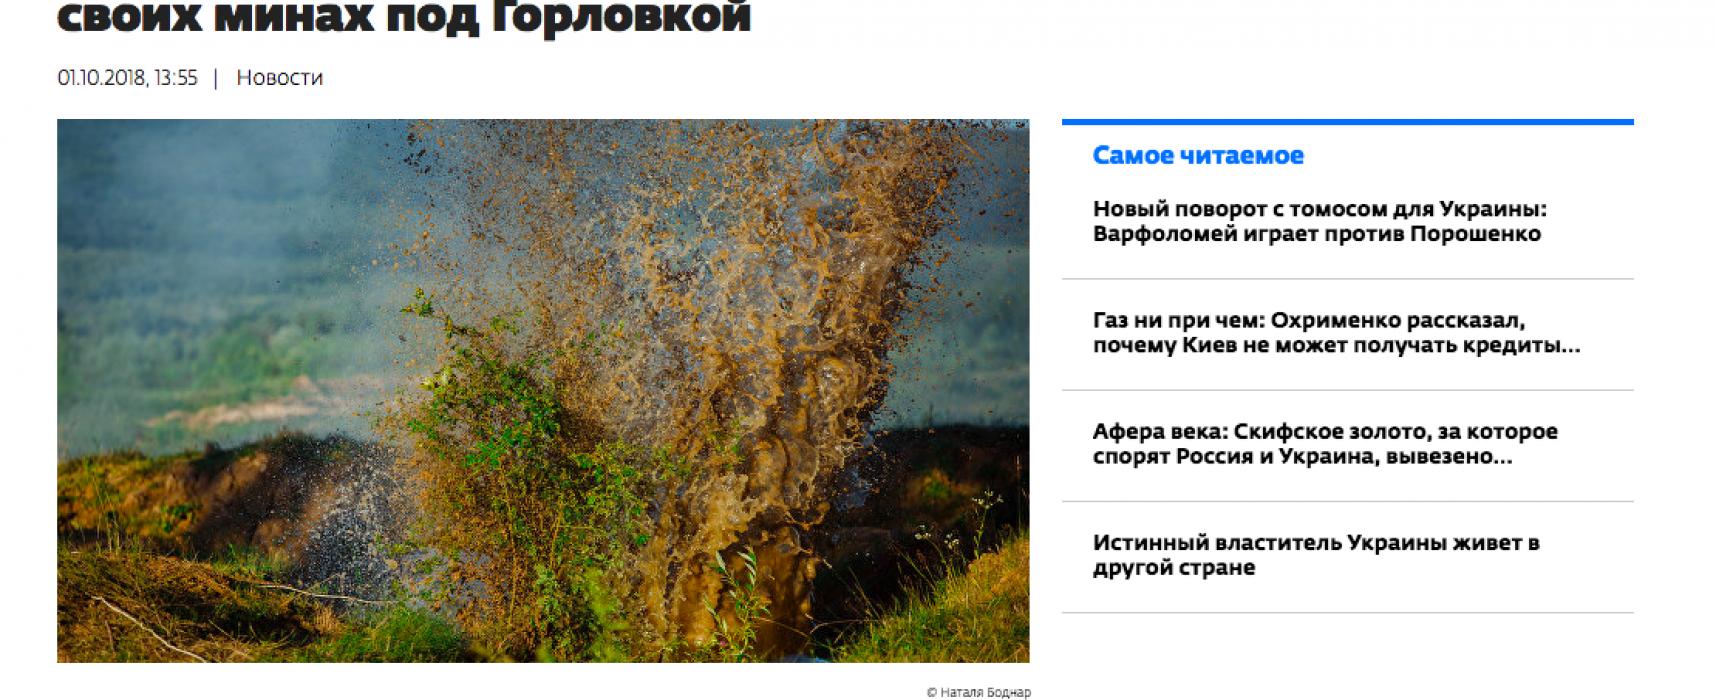 Fake: Soldaten und Kinder sterben in Donbas aufgrund ukrainischer Minen